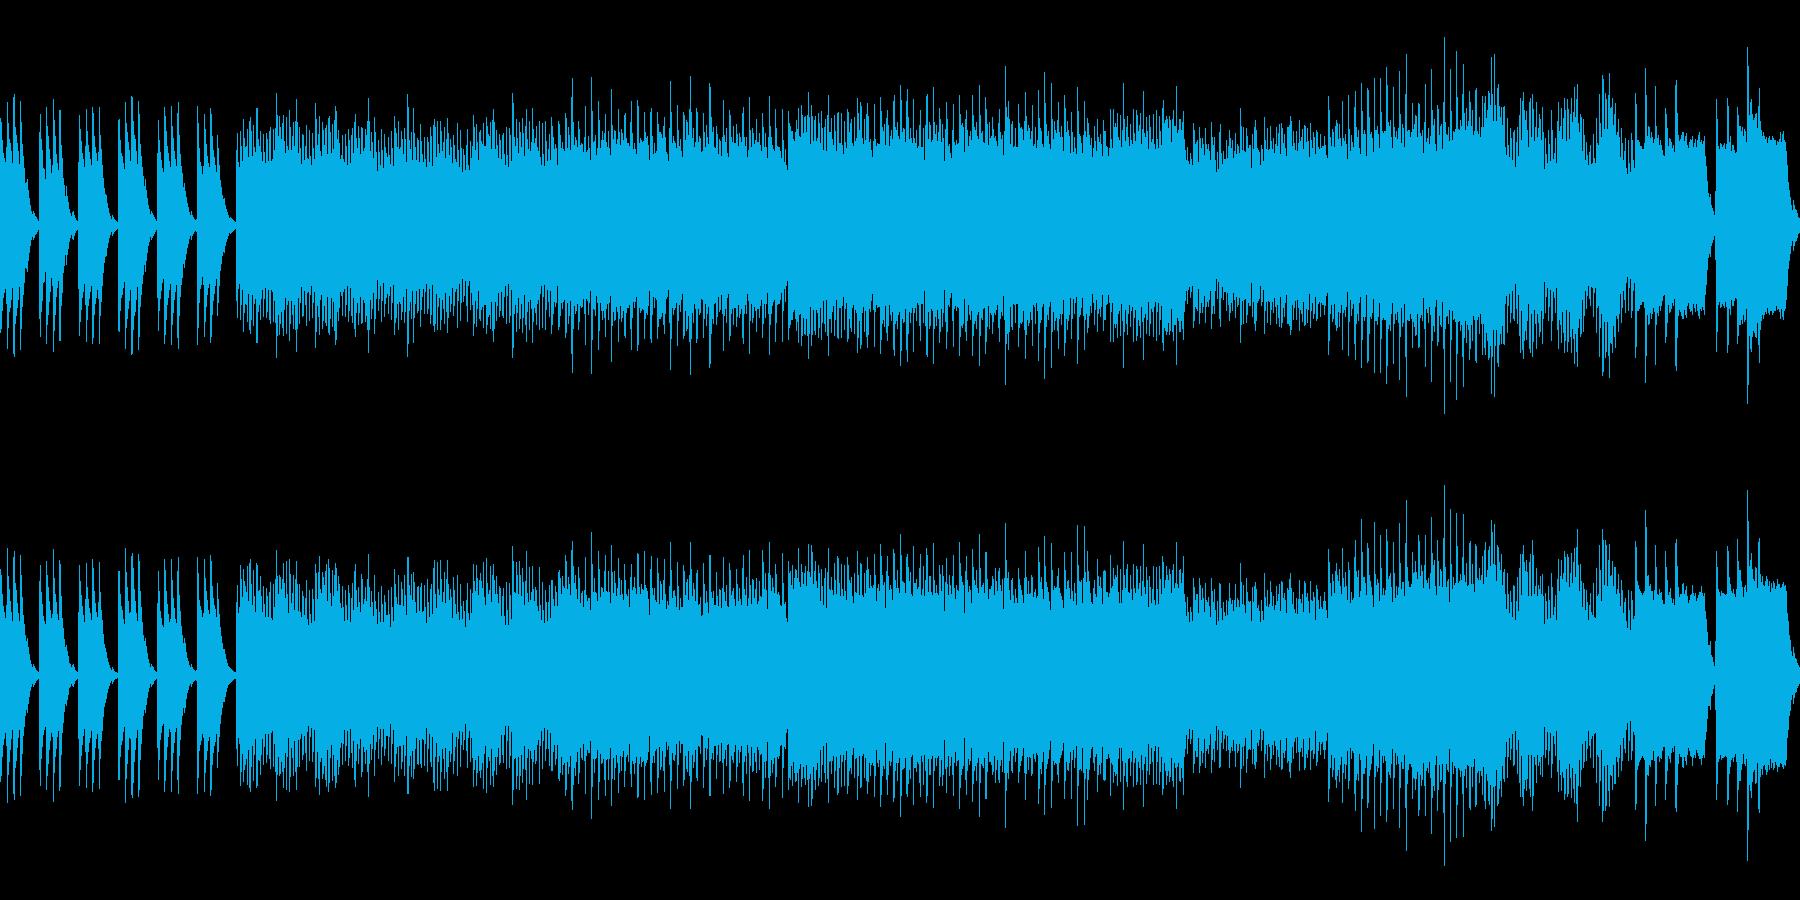 神秘的なダンジョン・洞窟の曲 レトロ風の再生済みの波形